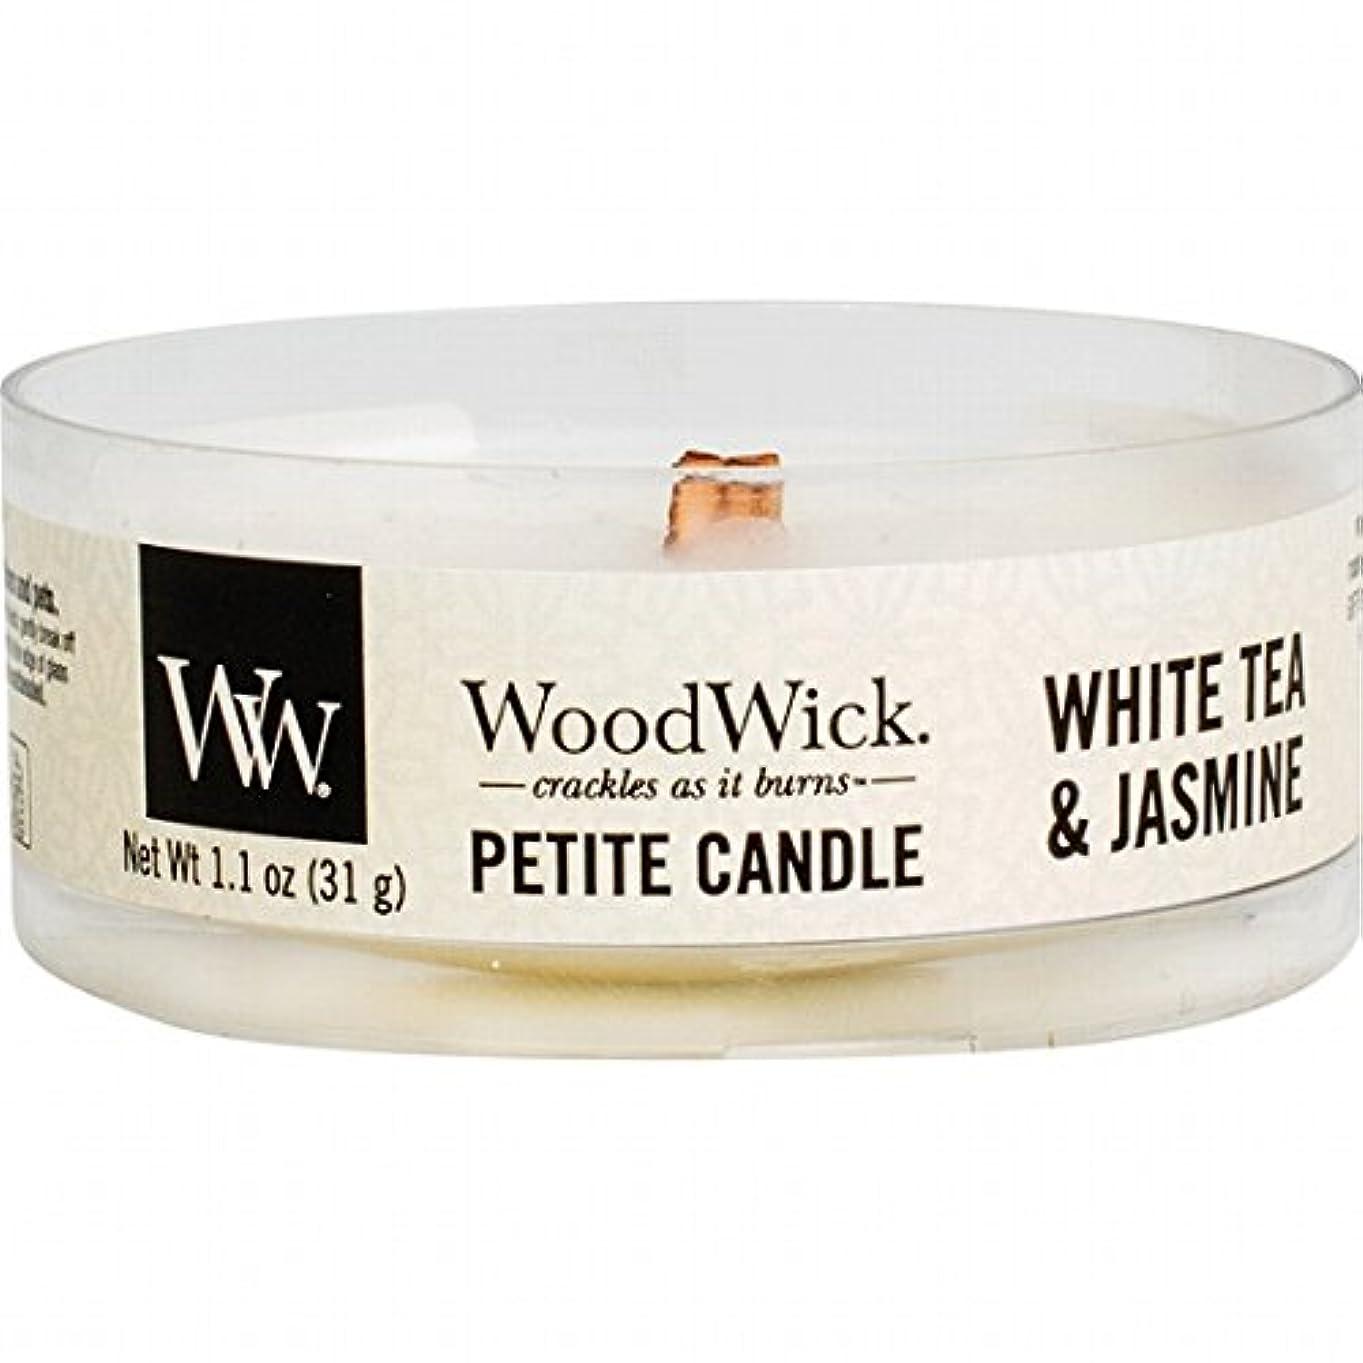 舌驚かす隠すWoodWick(ウッドウィック) プチキャンドル 「 ホワイトティー&ジャスミン 」(WW9030548)